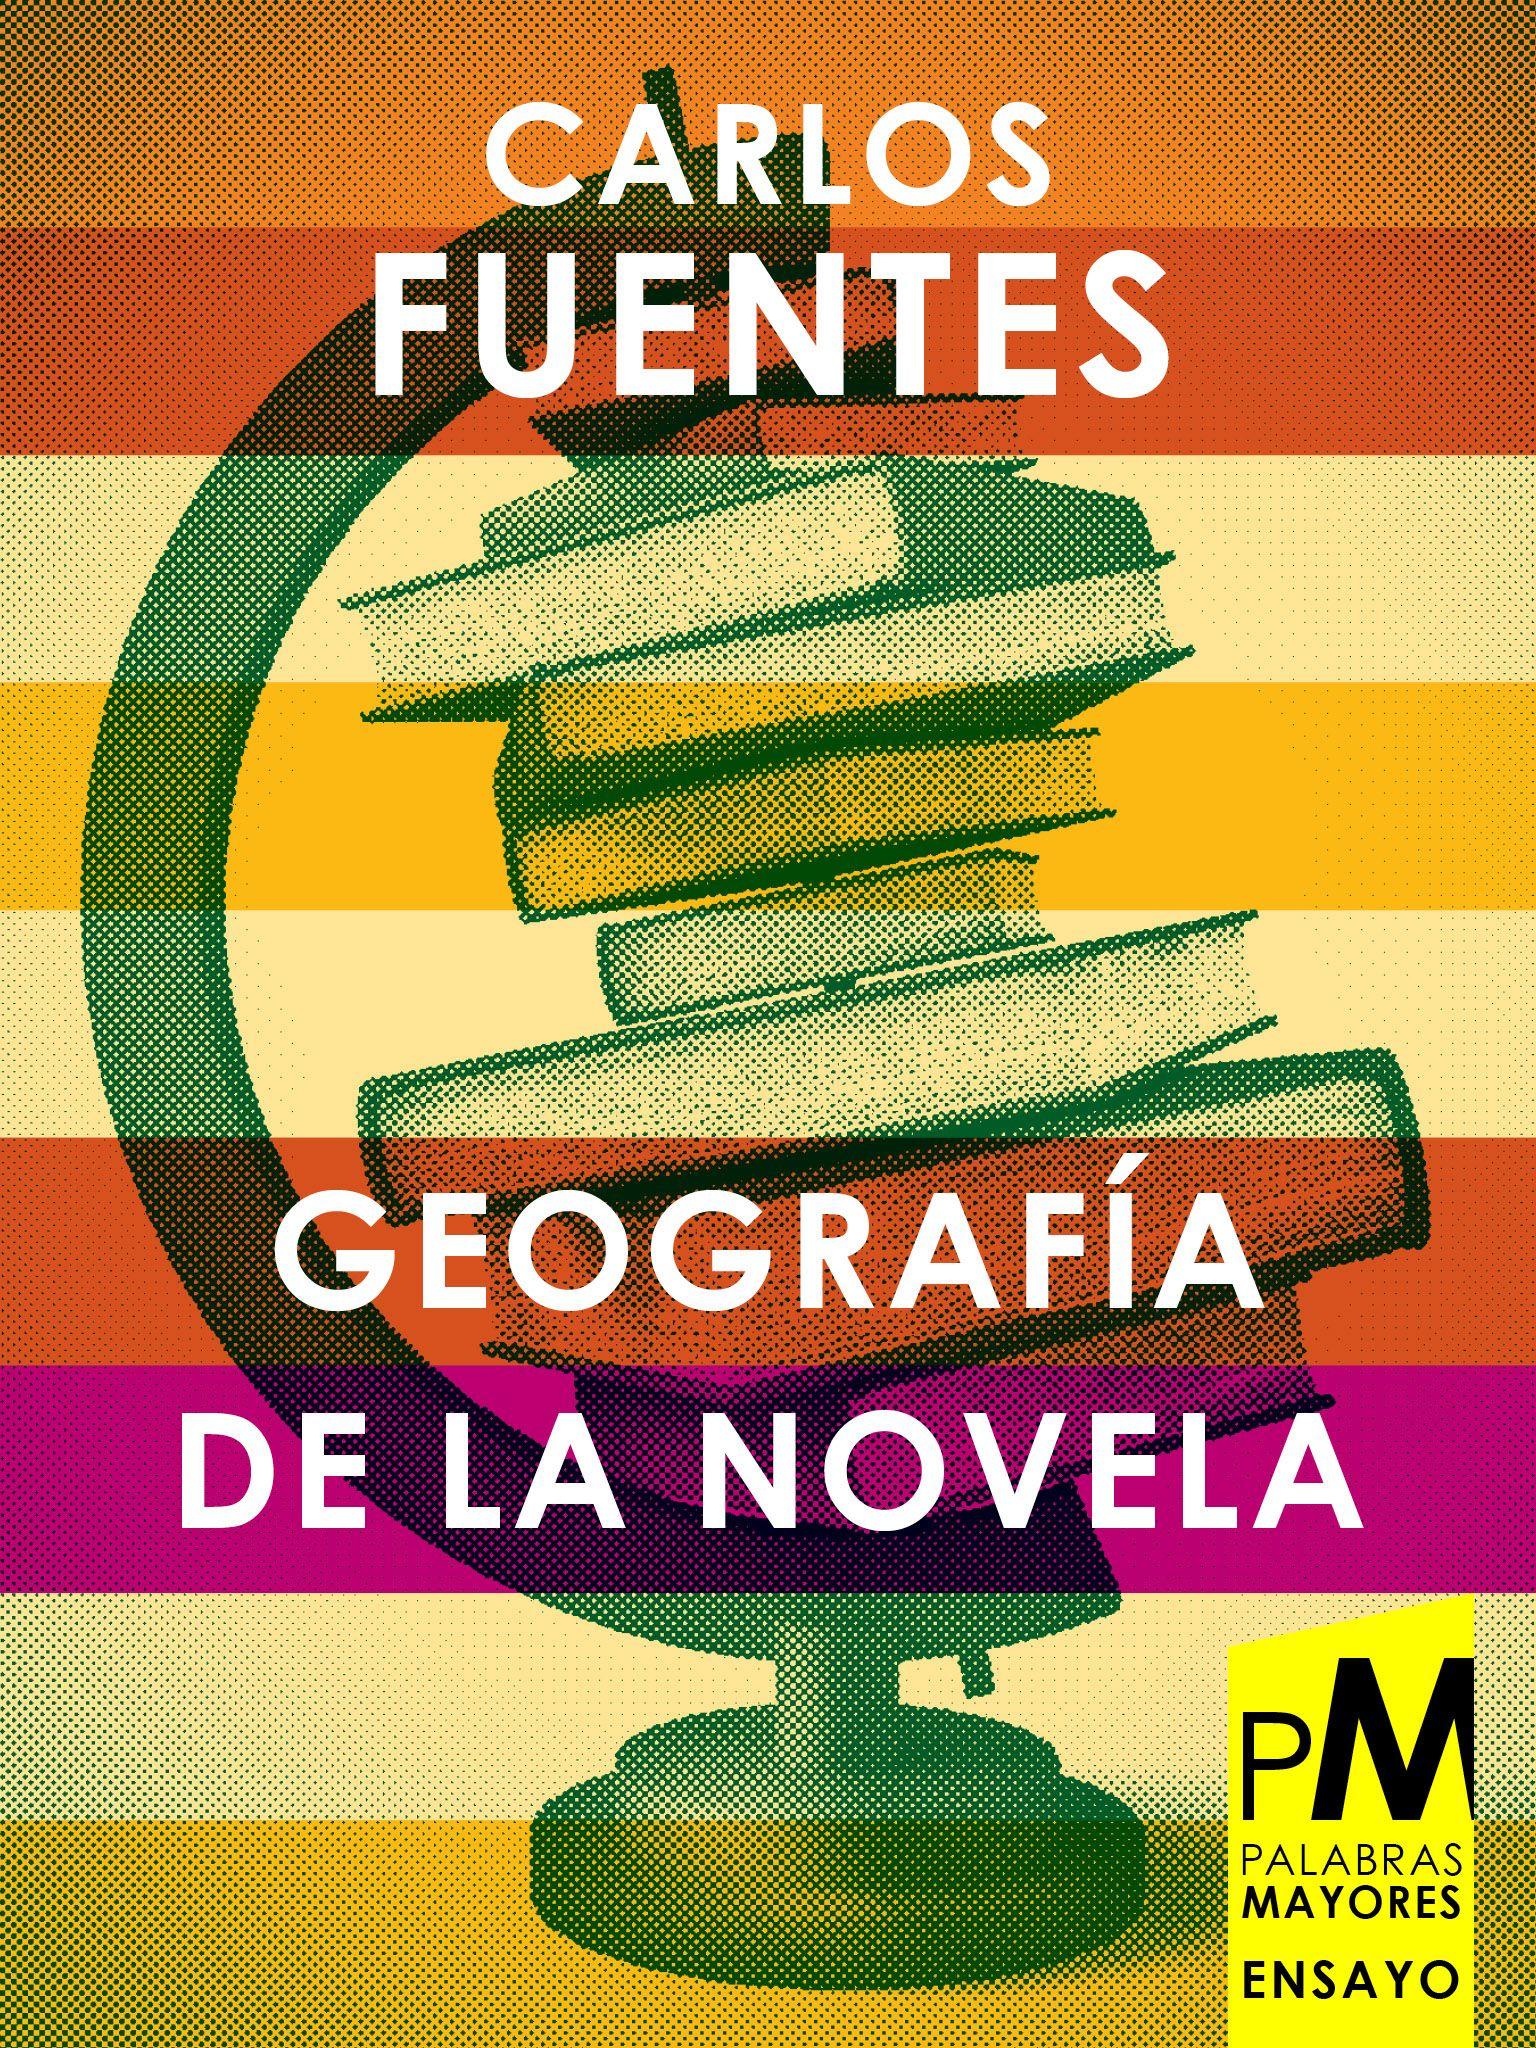 Geografía De La Novela Carlos Fuentes Ebook Literatura Palabrasmayores Essay Novela Novelas Carla Fuentes Libros Para Leer